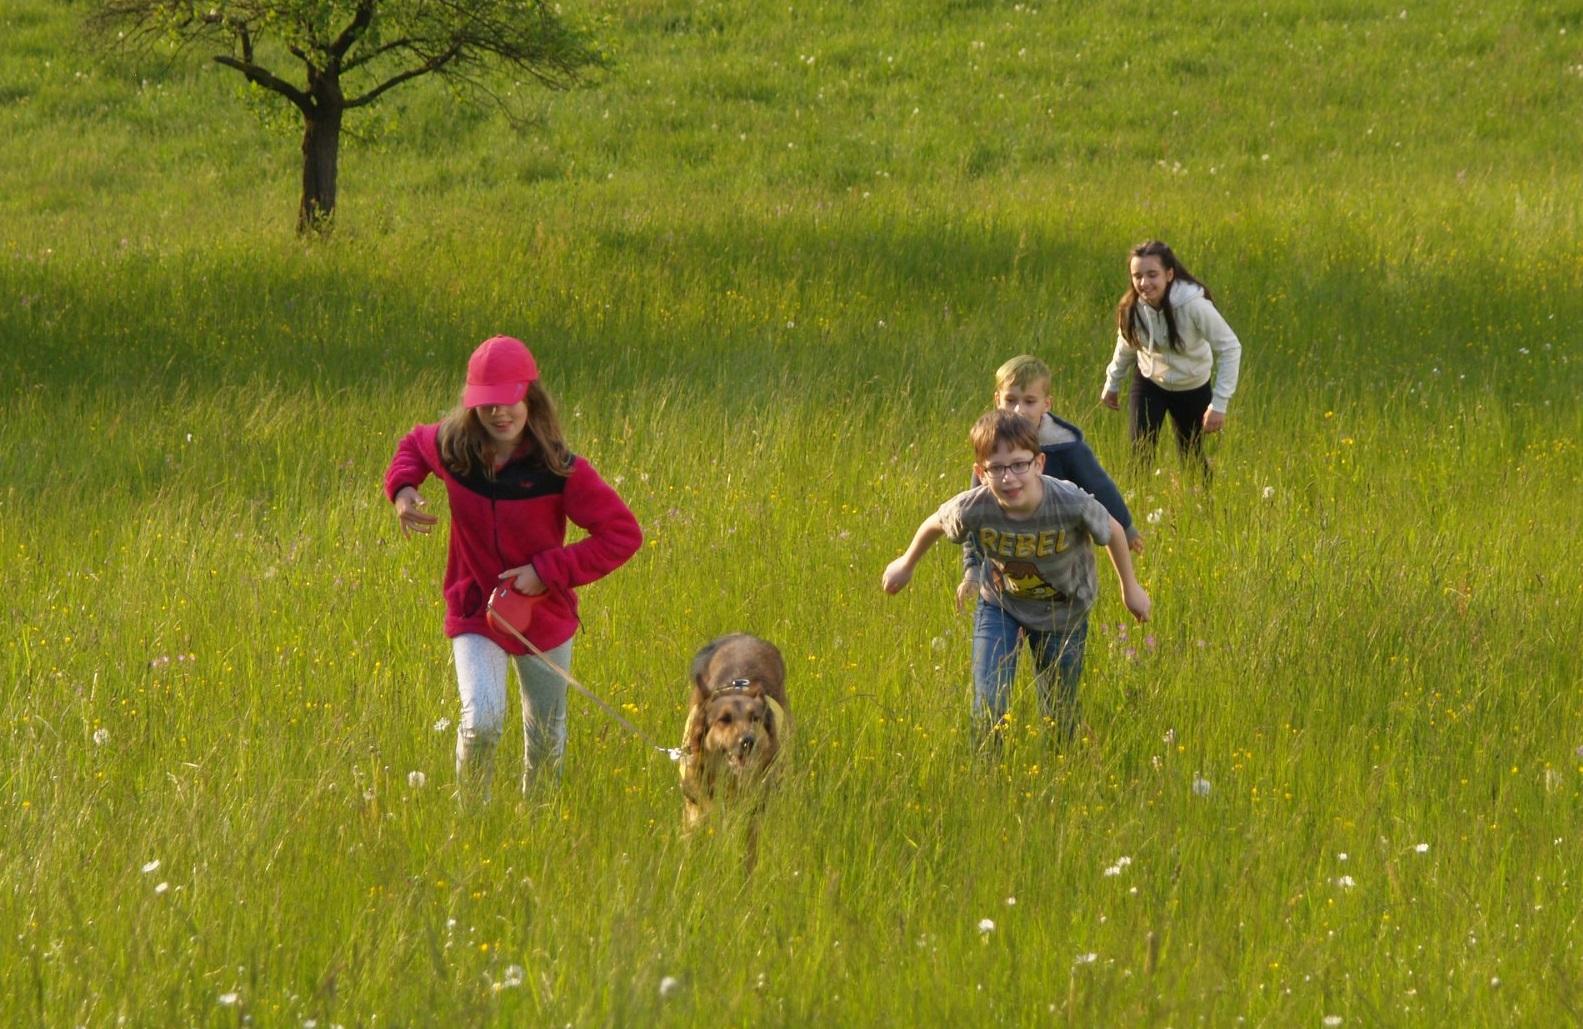 Být sám jiný je těžké aneb Inkluze zpohledu potřeb dětí, které jsou vběžném kolektivu jiné 4